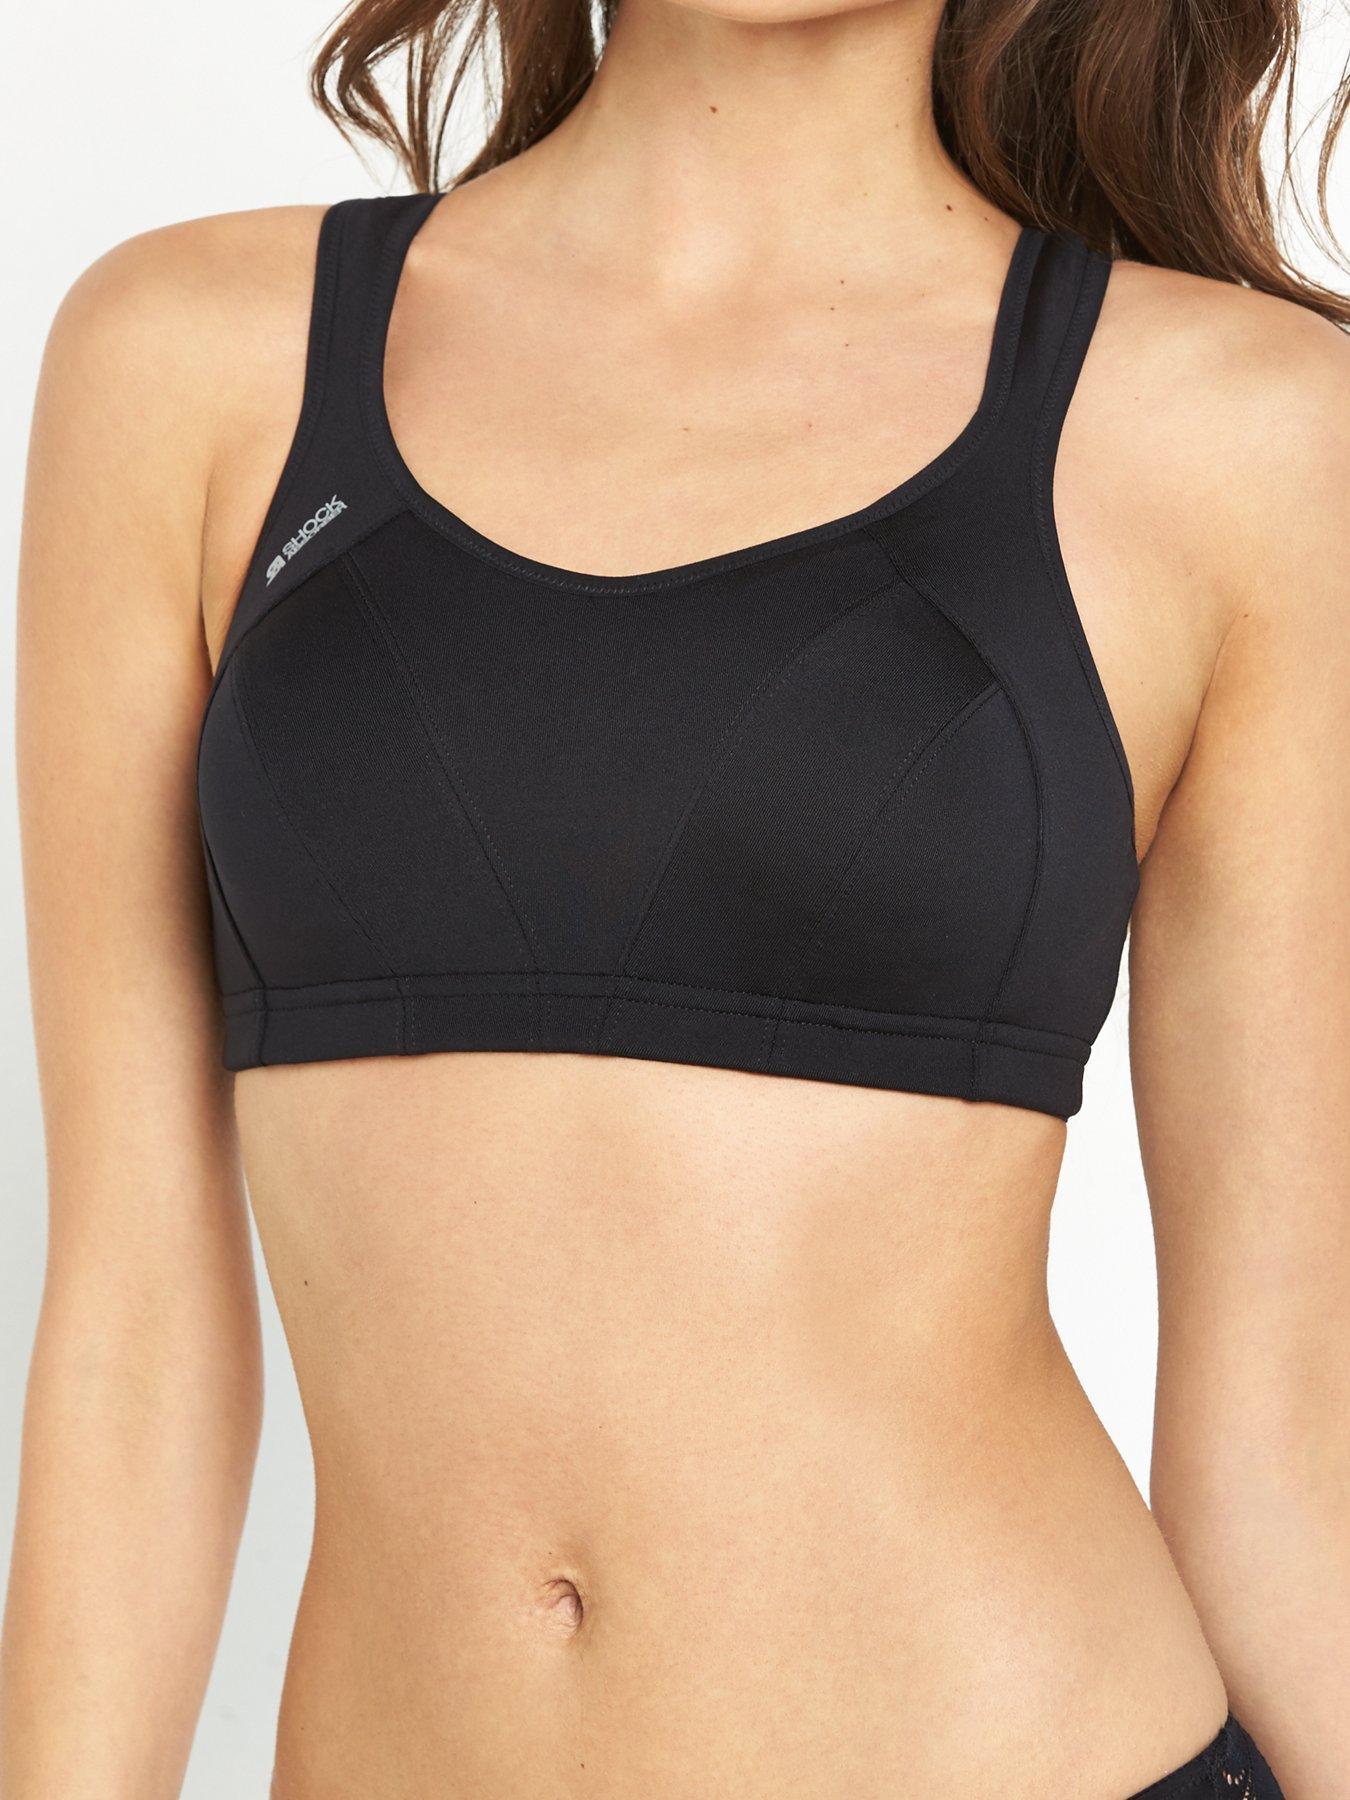 very sports bra